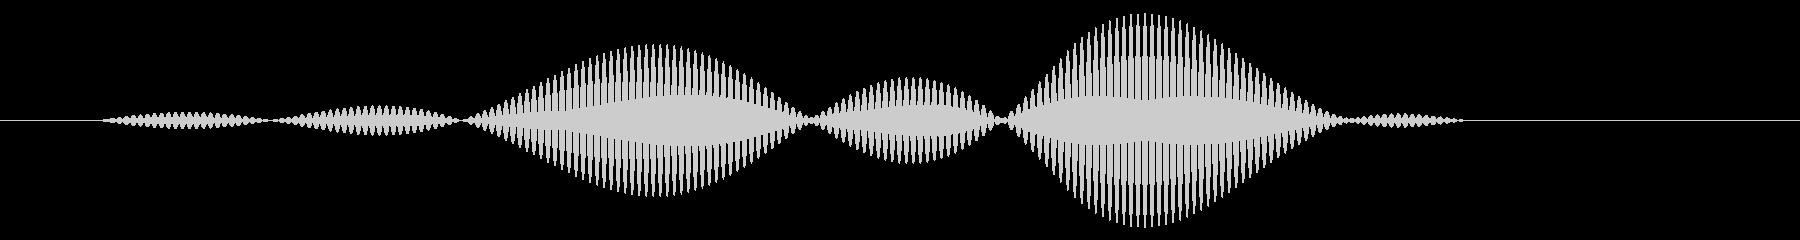 カーソル移動音8の未再生の波形